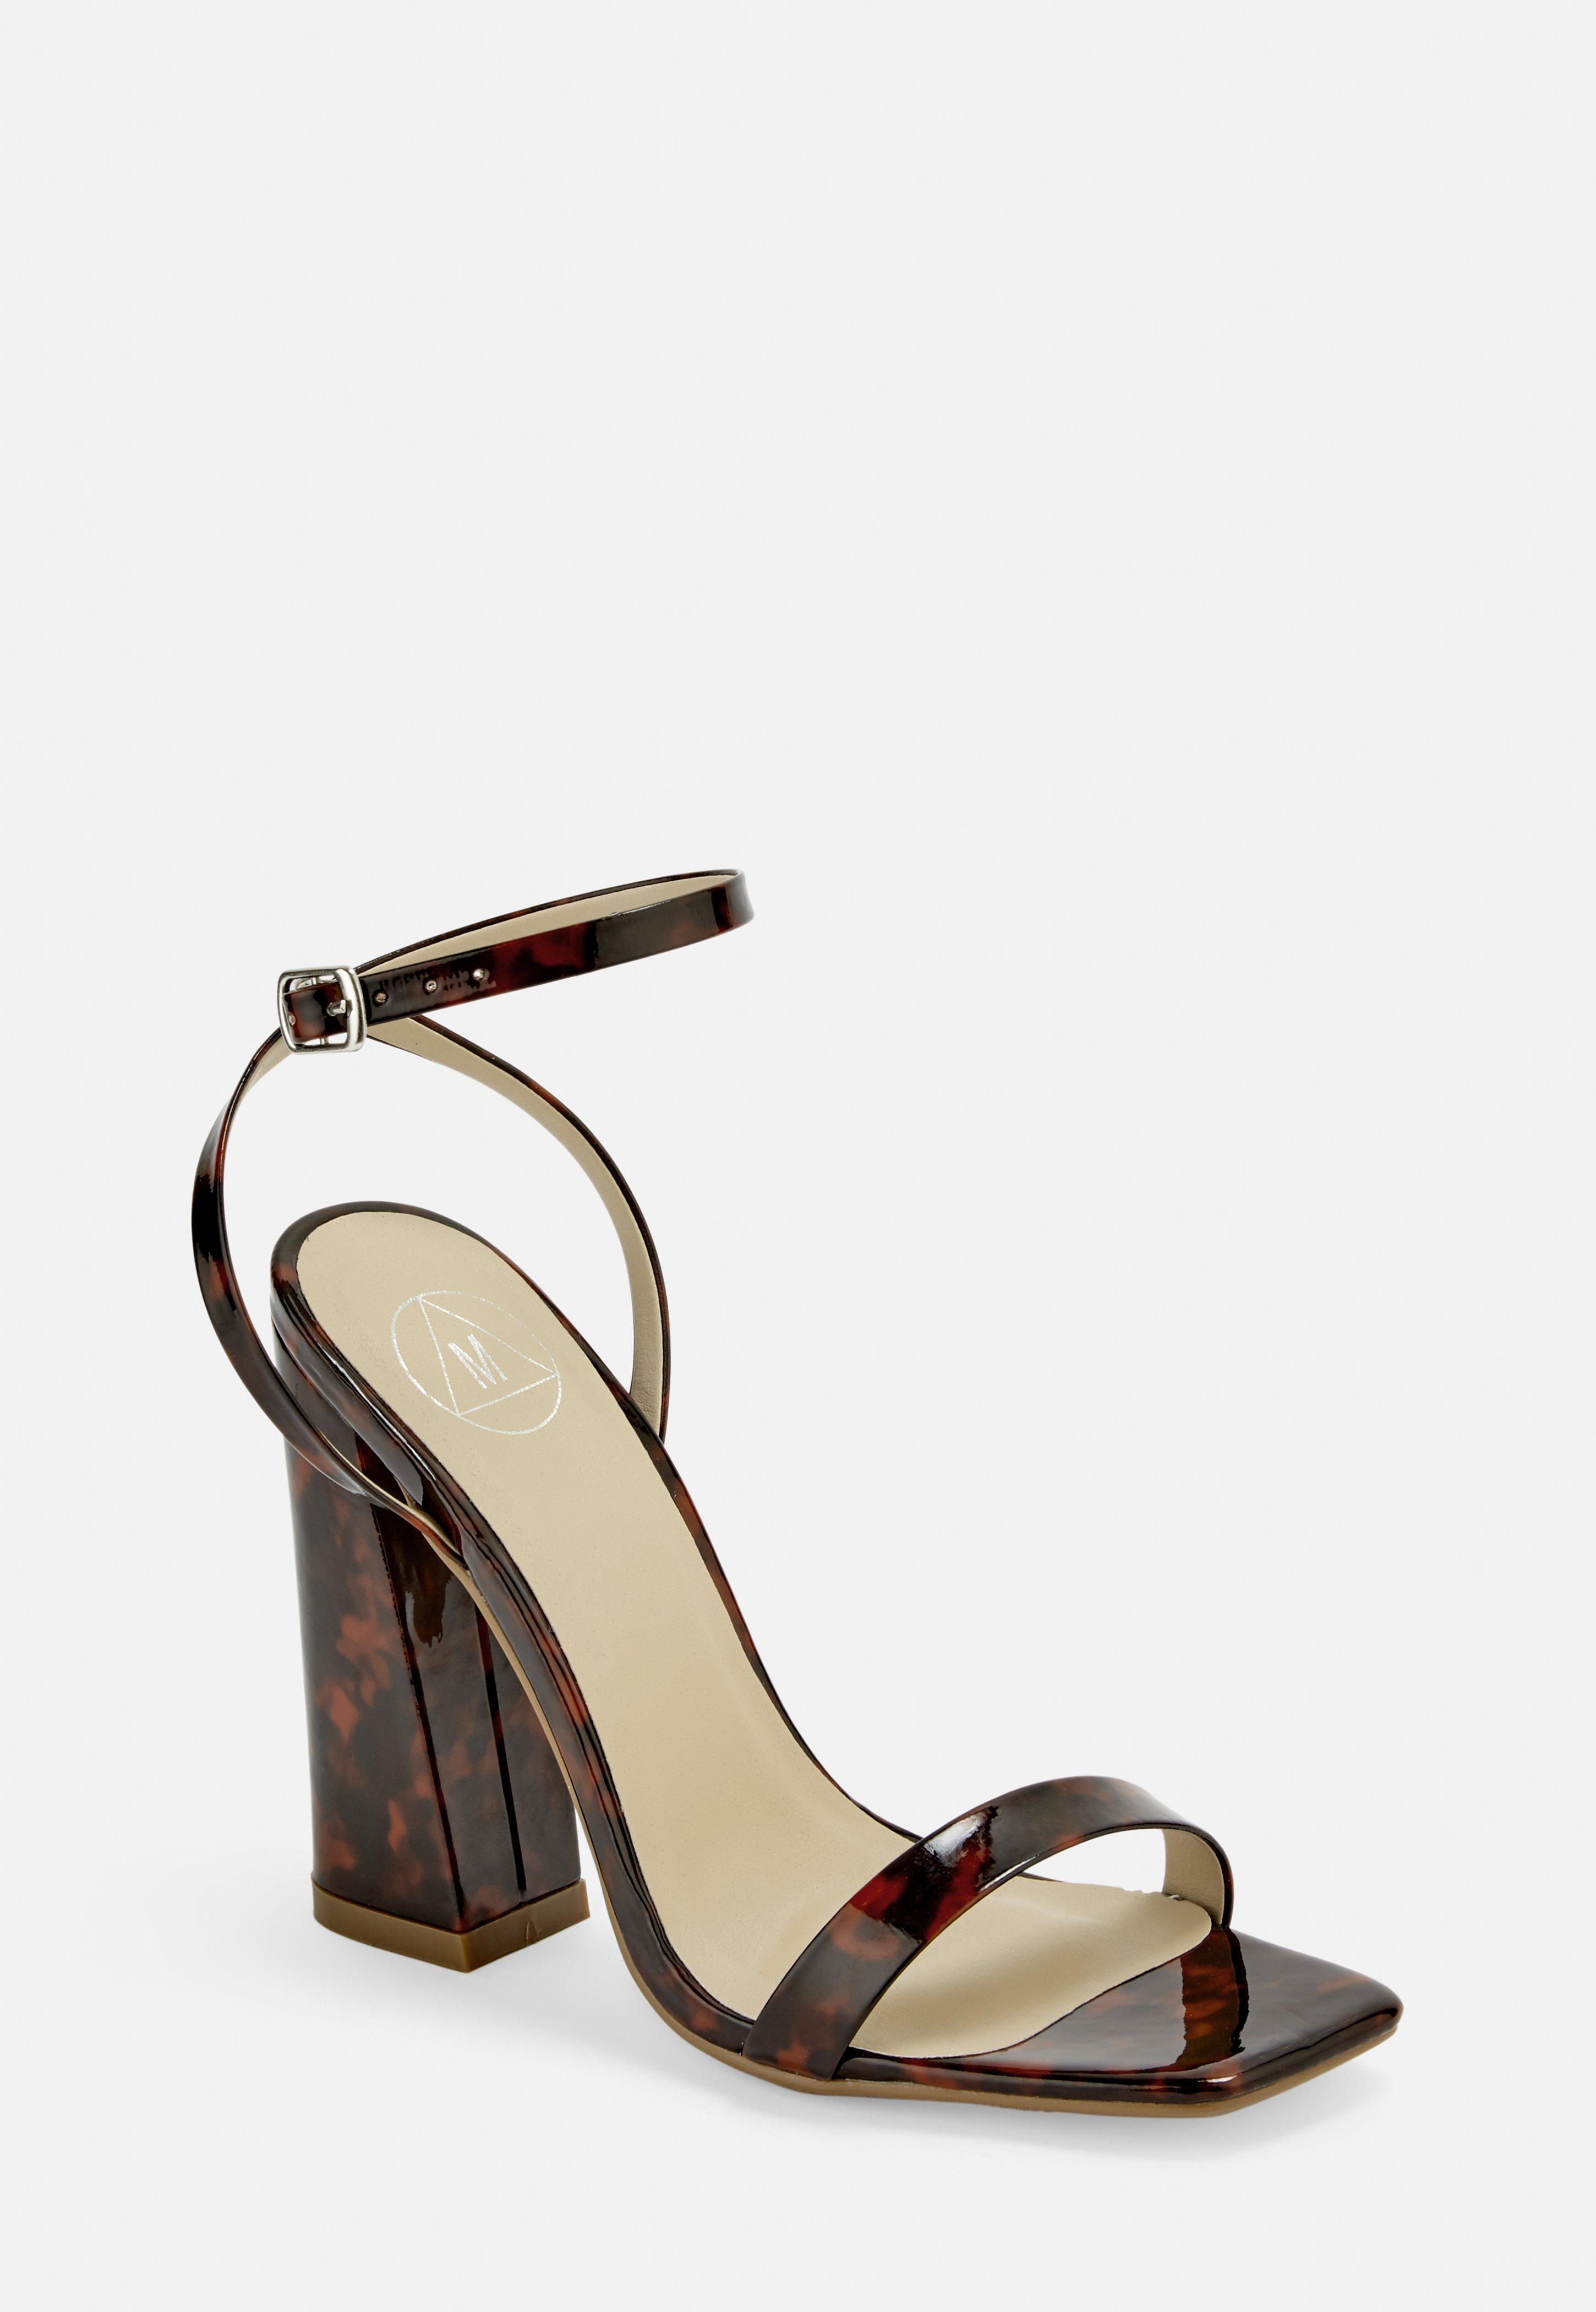 c4a70b7b0e5a High Heels - Shop Women's Stilettos Online | Missguided